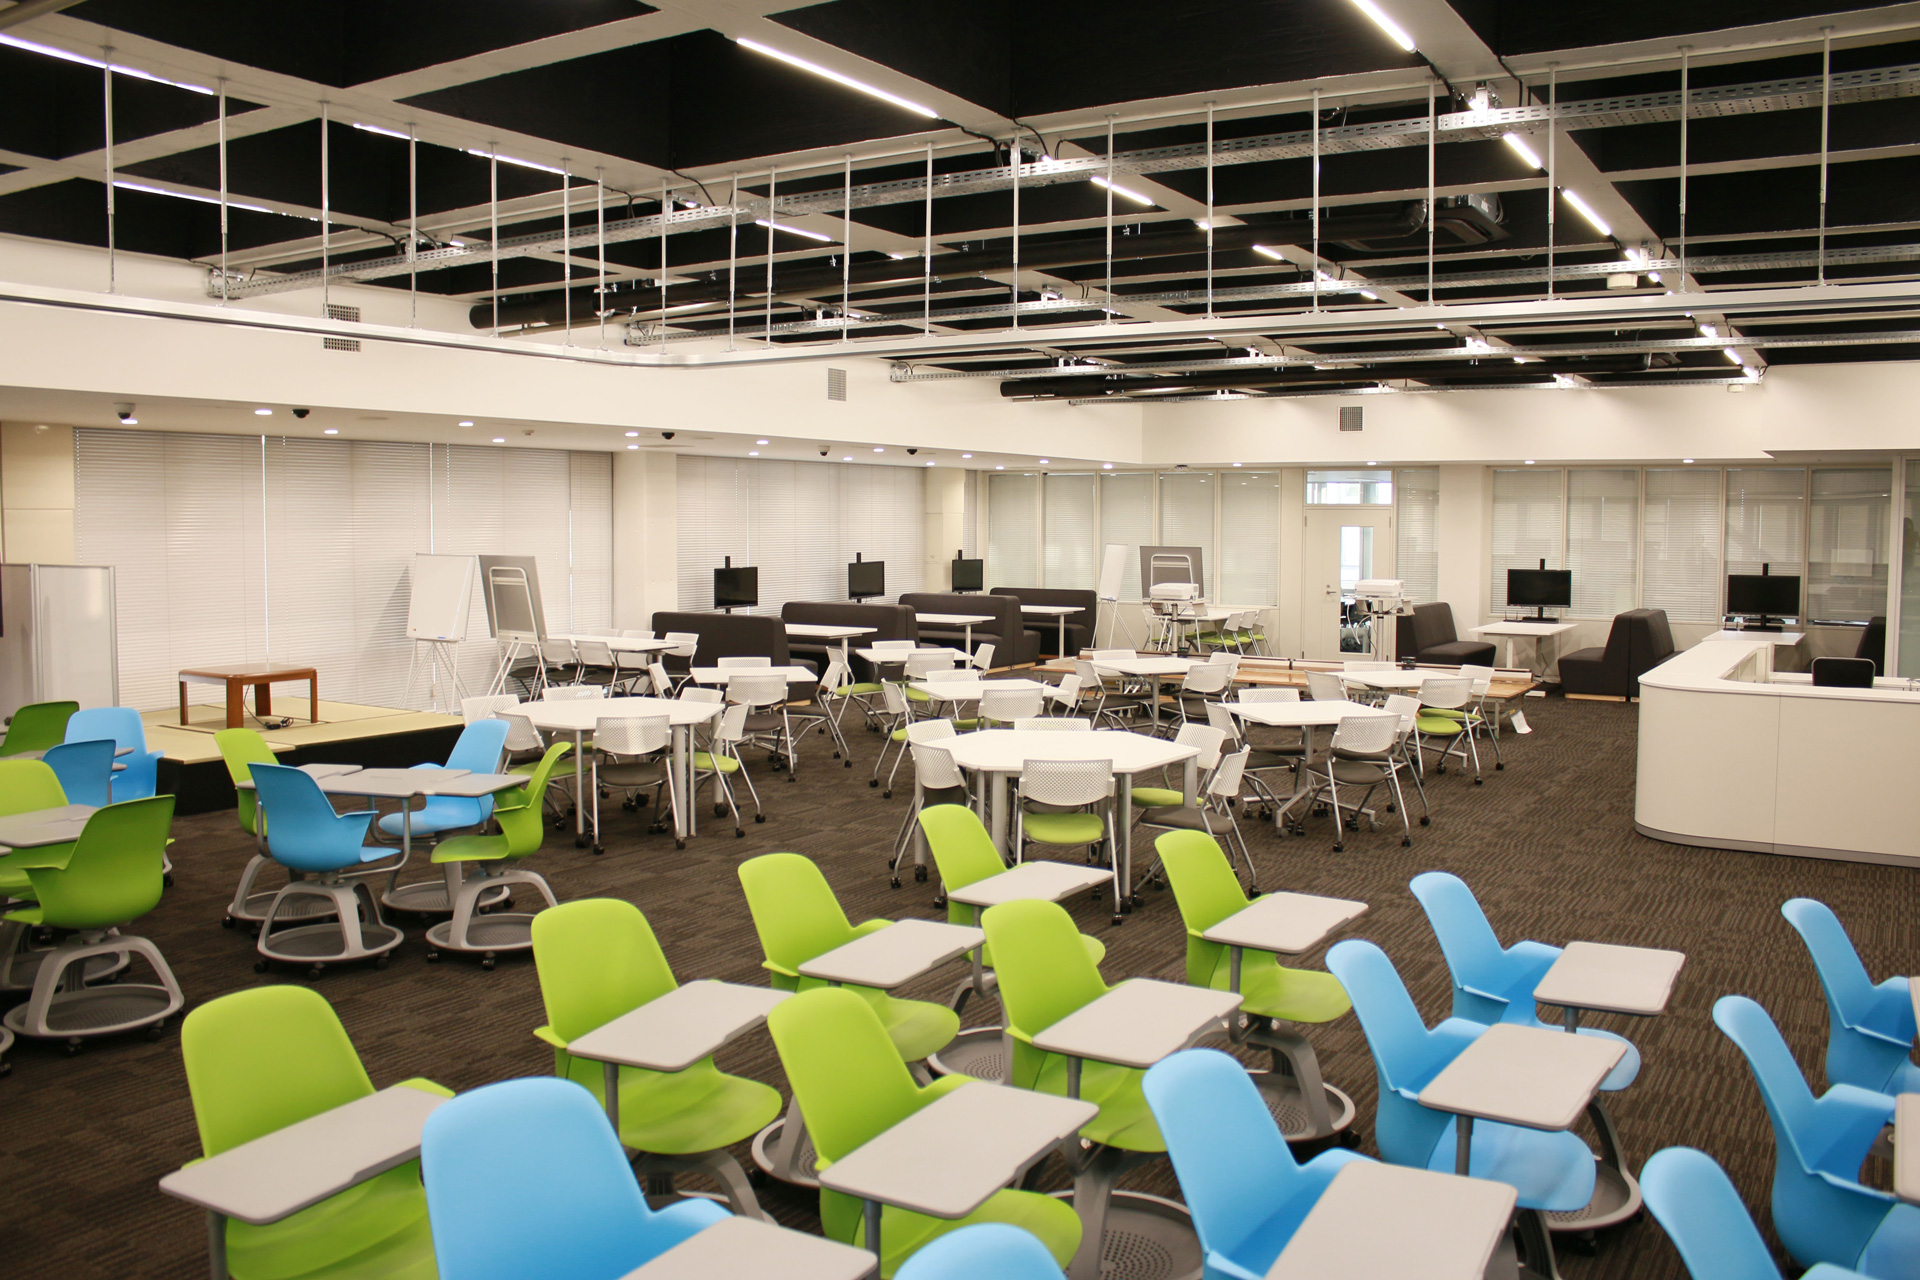 芝浦工業大学 -- 学生主体の新たな国際交流活動の場「グローバルラーニングコモンズ」を紹介